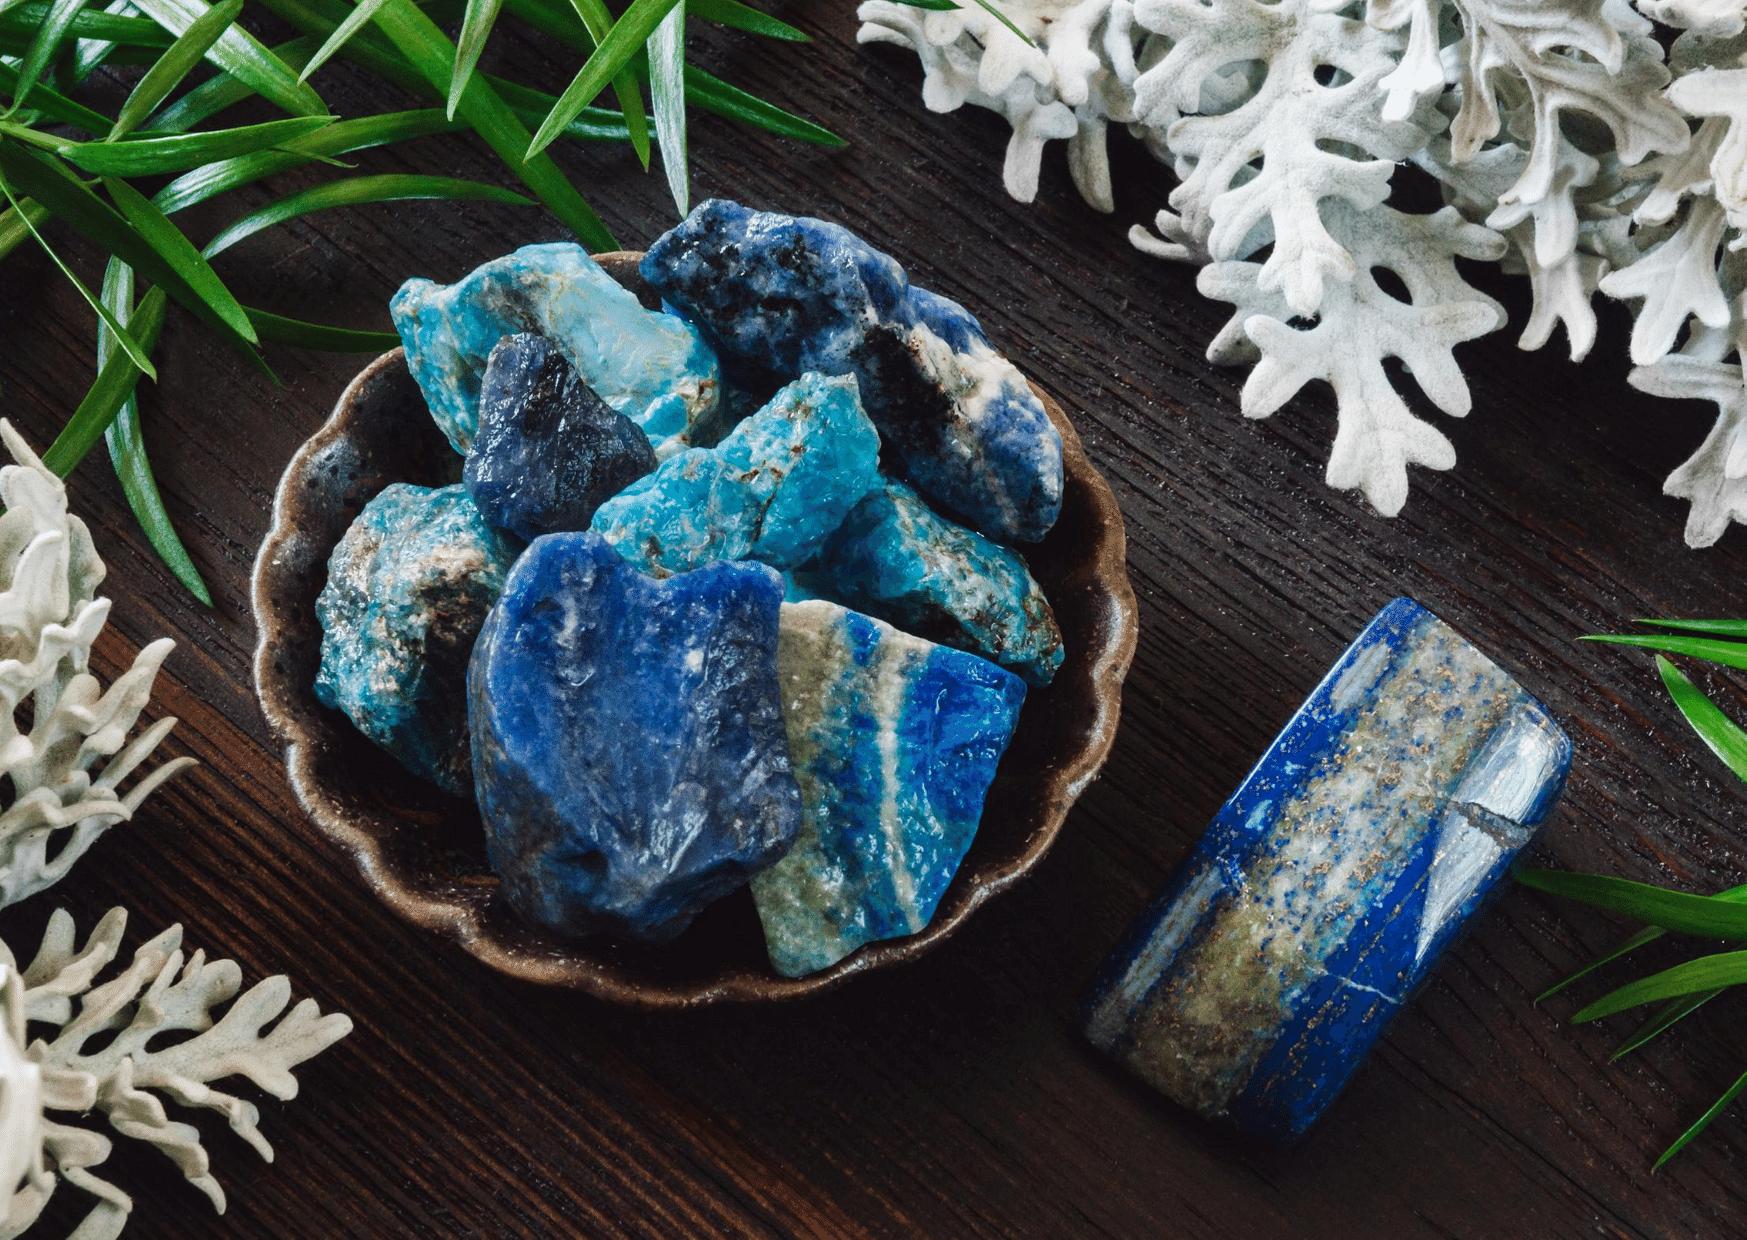 pierres lapis lazuli dans bol marron entouré de feuilles pierre bleu de lithothérapie